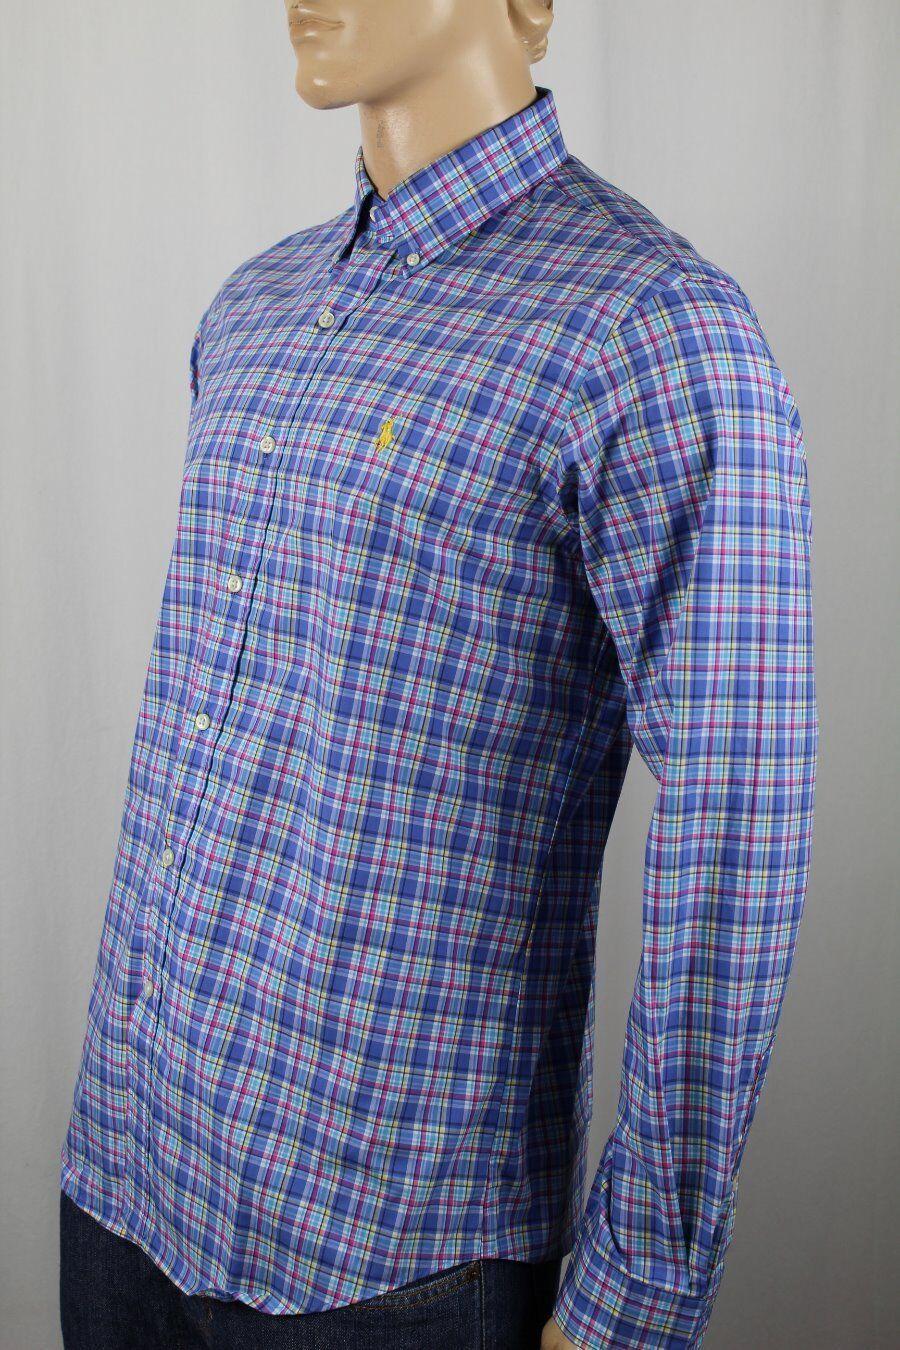 Ralph Lauren bluee Plaid Button Down Classic Fit Dress Shirt NWT